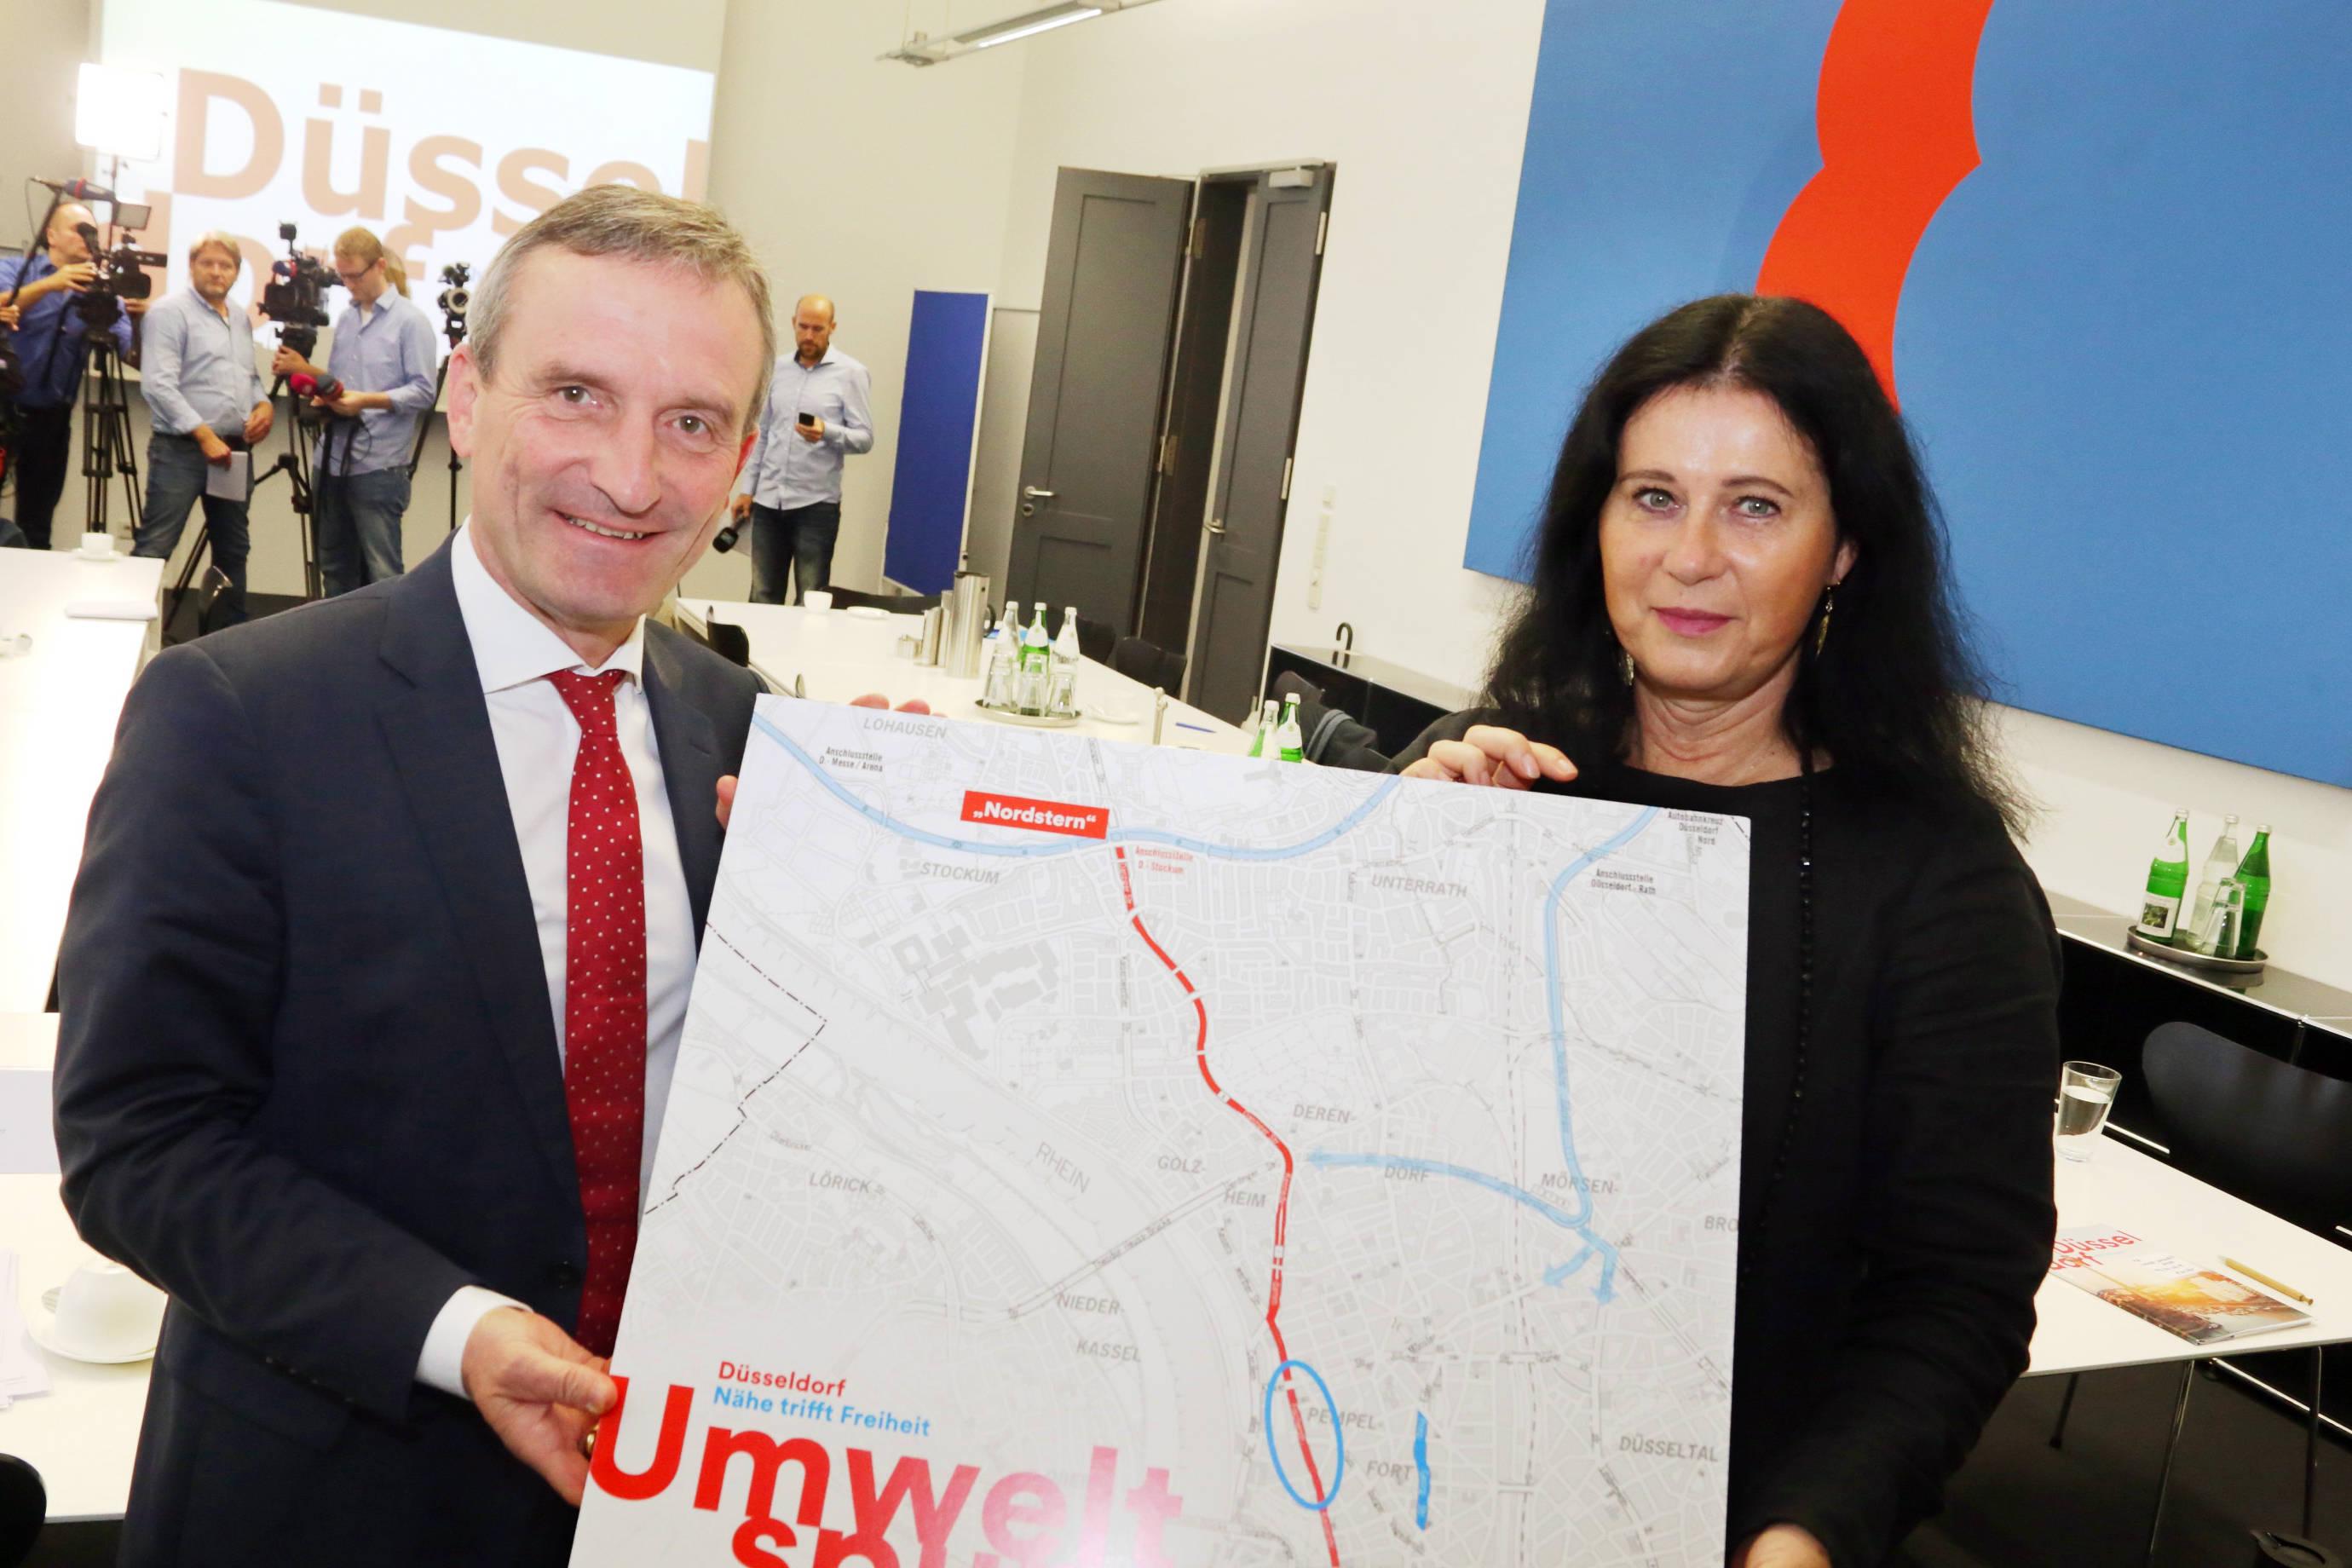 Stellten die dritte Umweltspur der Öffentlichkeit vor: Oberbürgermeister Thomas Geisel und Verkehrsdezernentin Cornelia Zuschke. (Foto: Stadt Düsseldor)